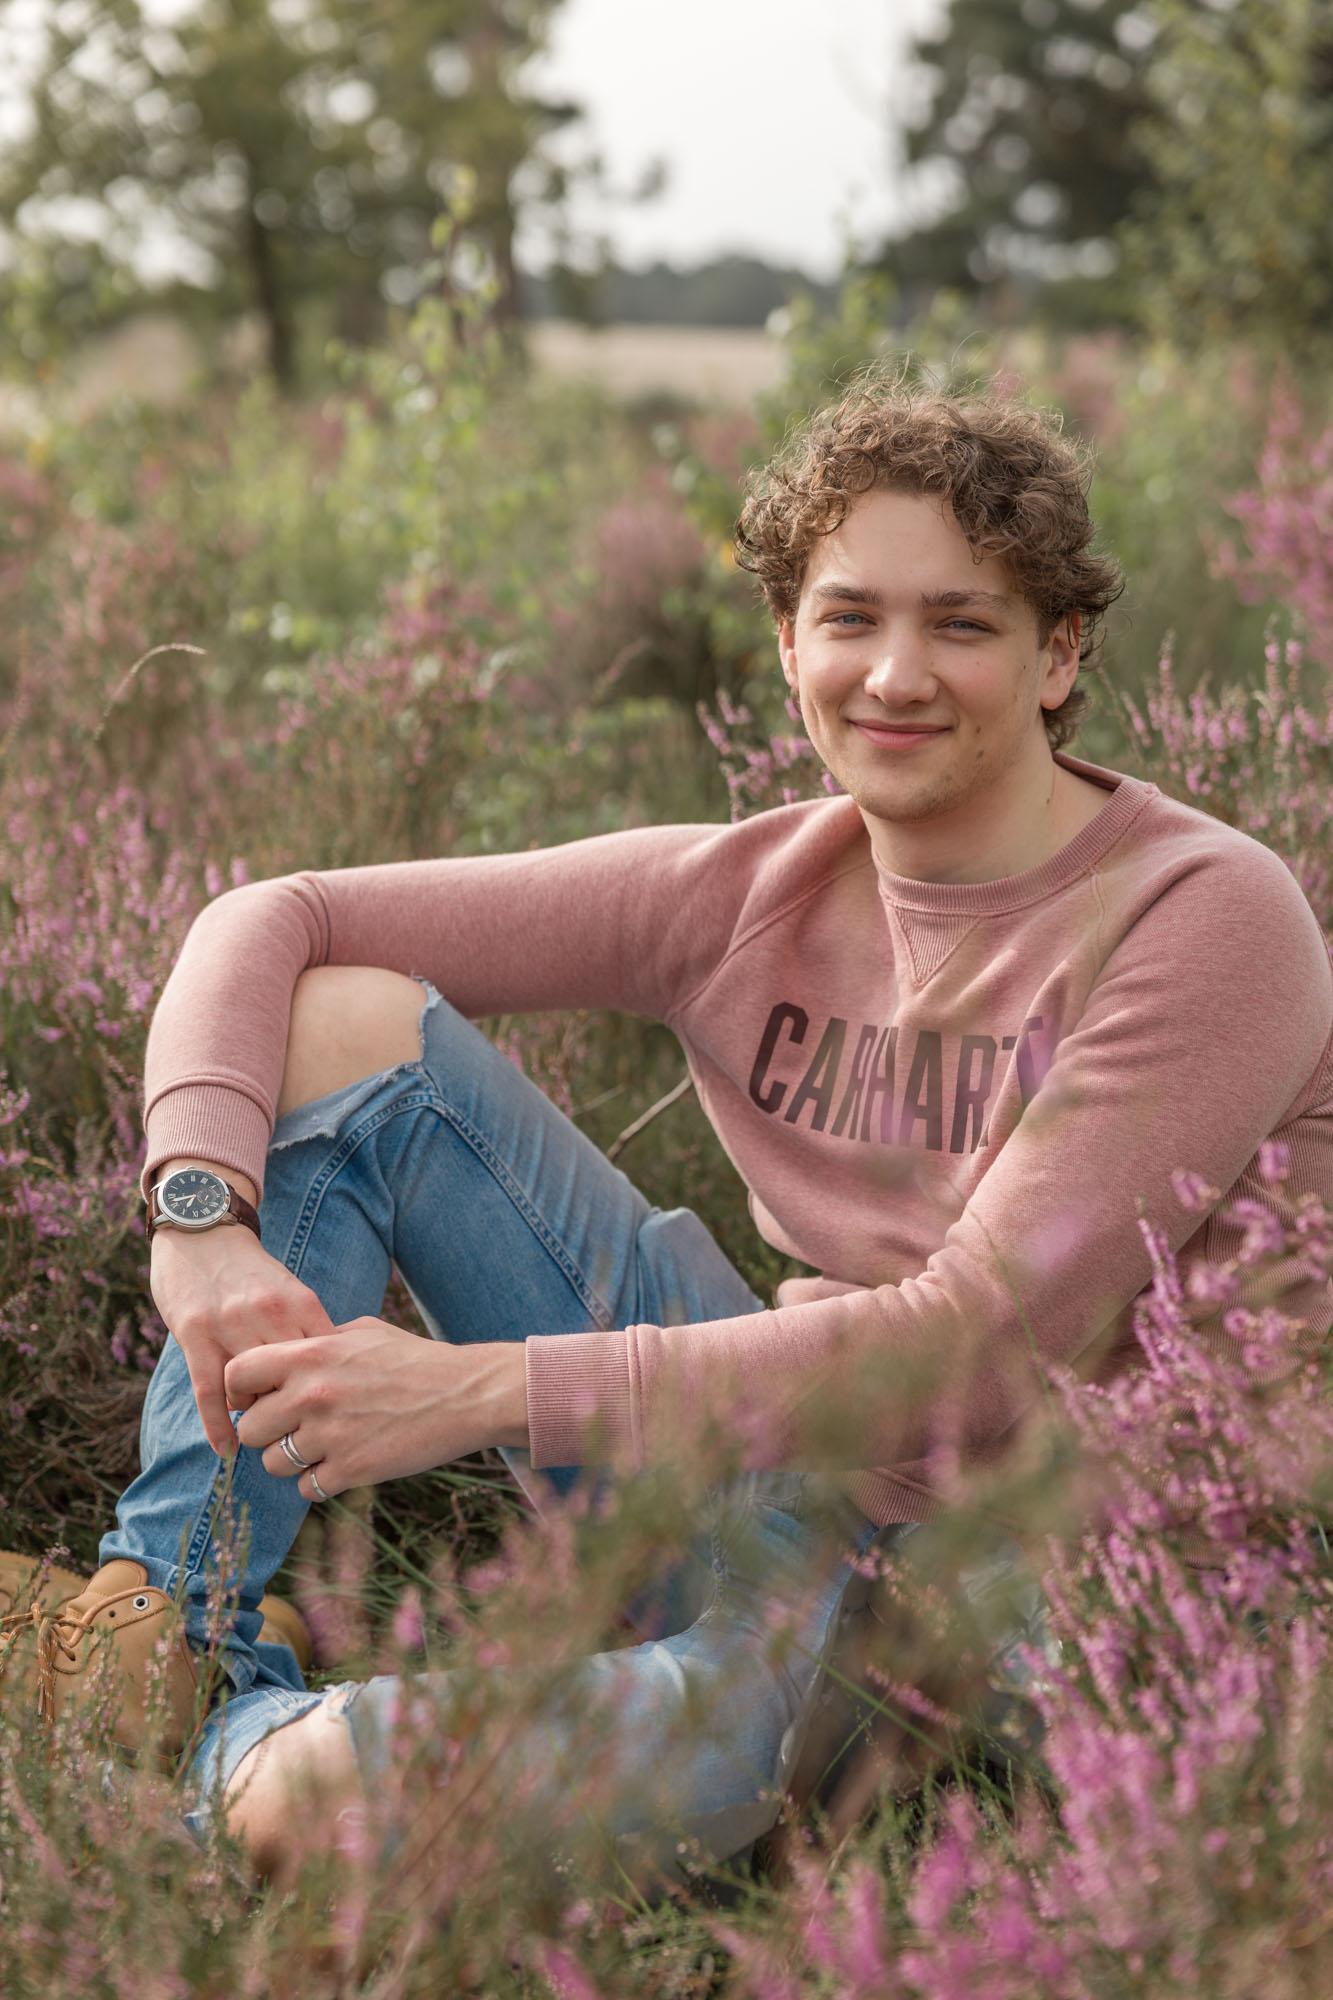 Portretfotograaf in Amersfoort, Nijkerk, Hoevelaken. Heide portret. Portretfotografie door Mayra Fotografie